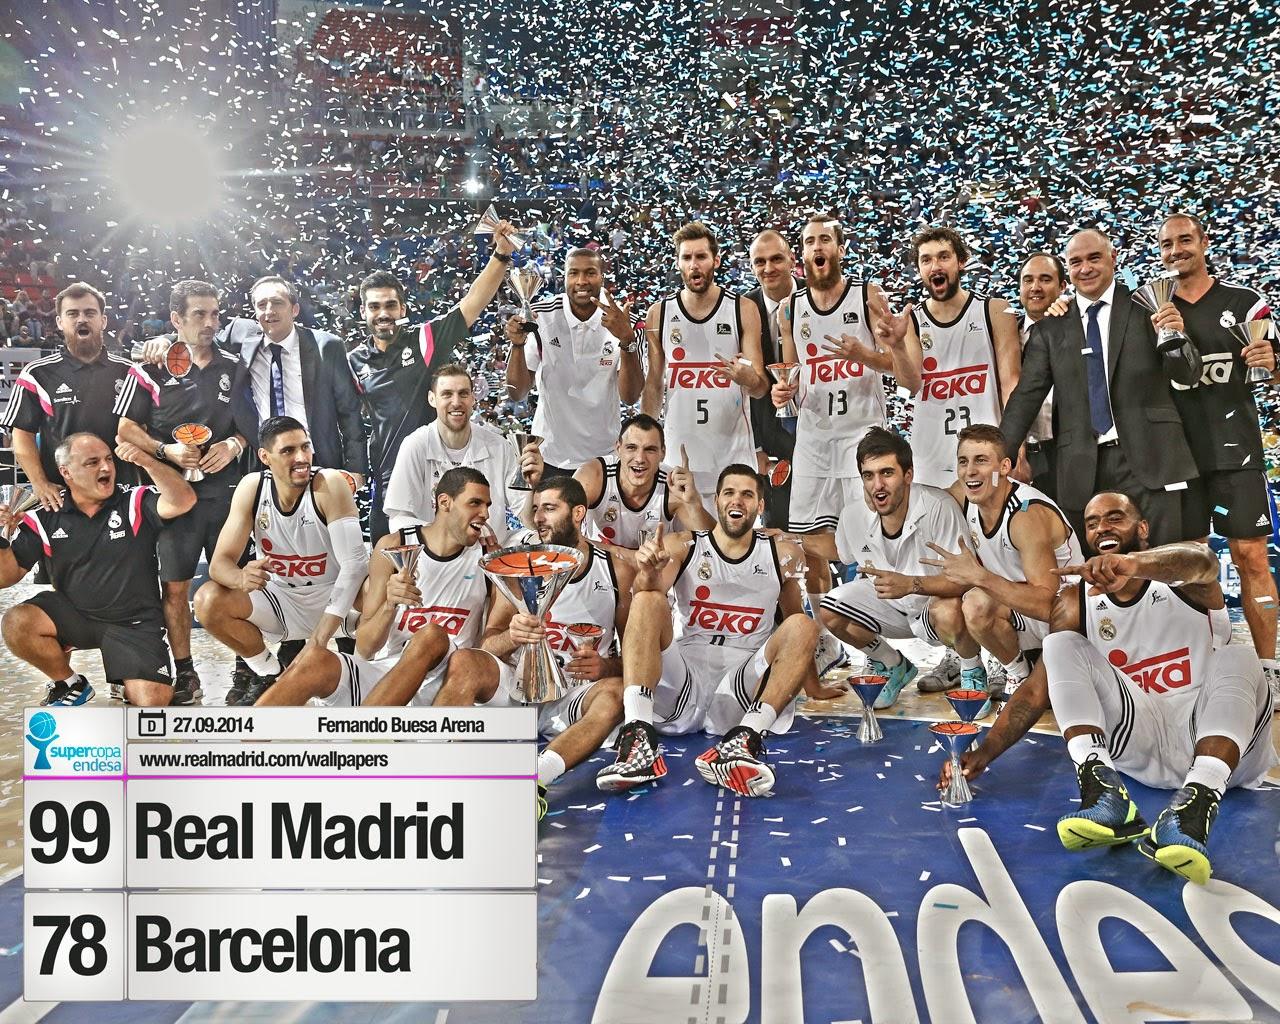 El Madrid de Baloncesto se corona nuevamente Campeón de la Supercopa Endesa.